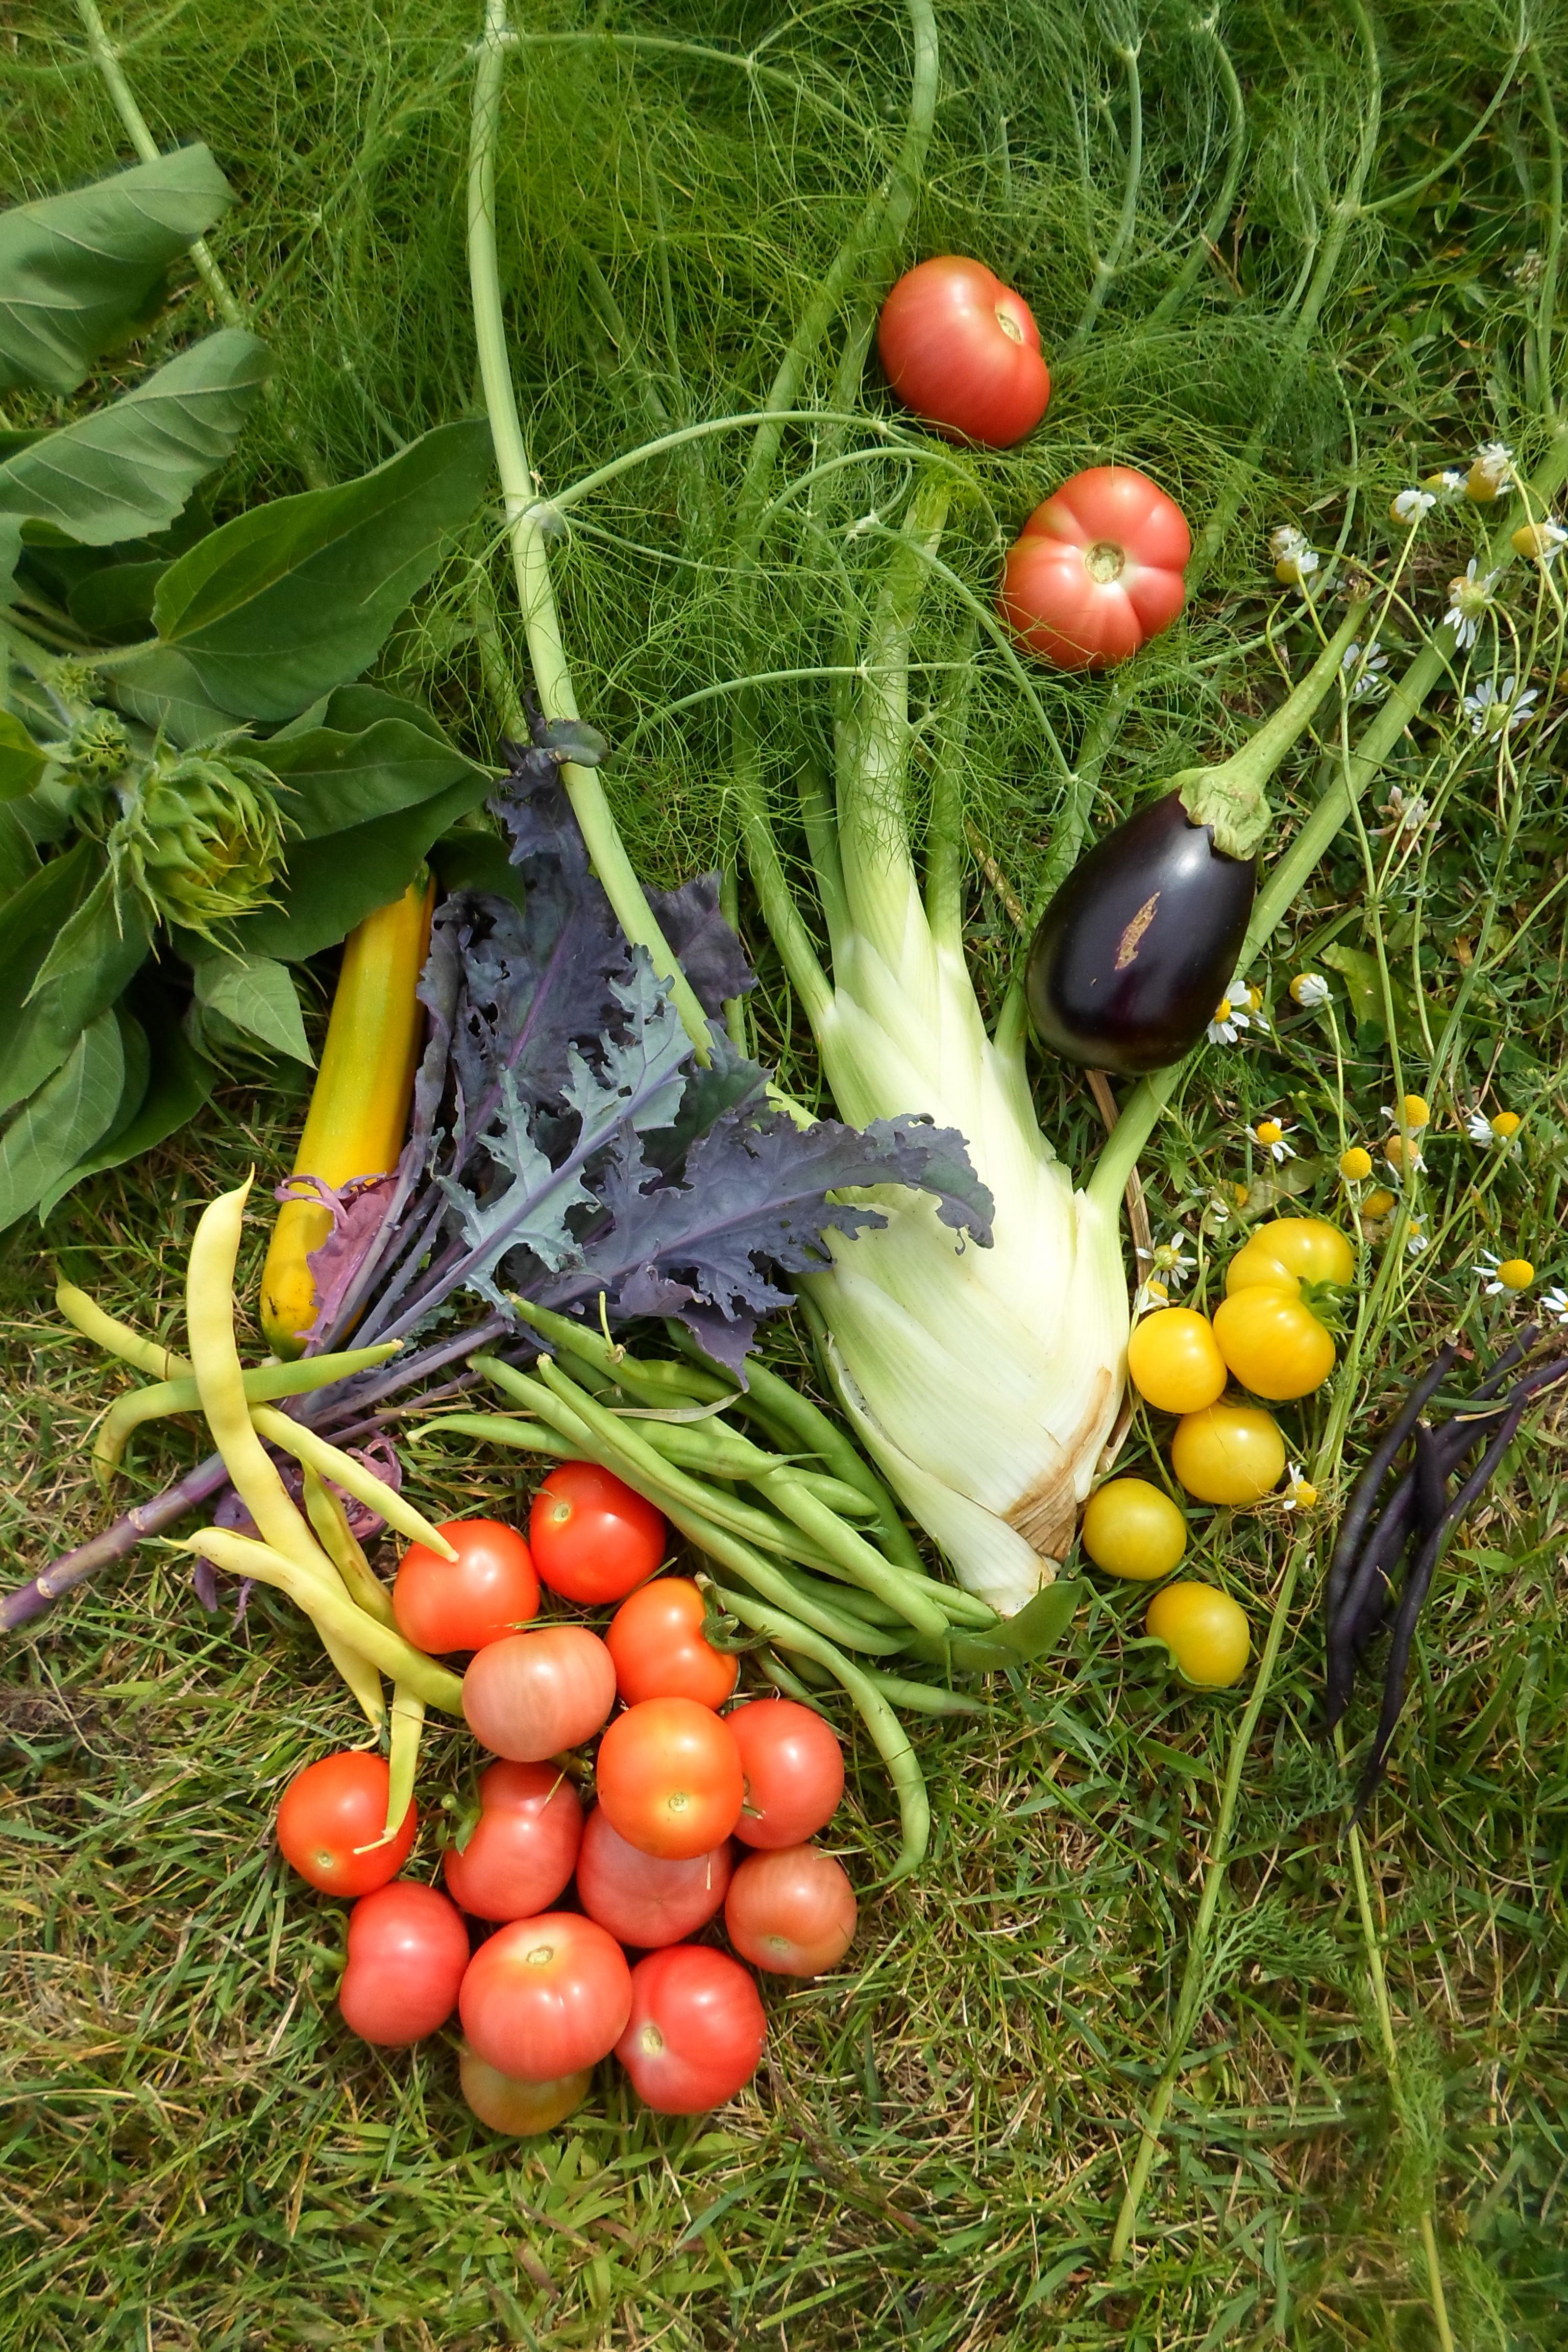 De la bonne graine incroyables comestibles du suro t - Pomme de terre germee comestible ...